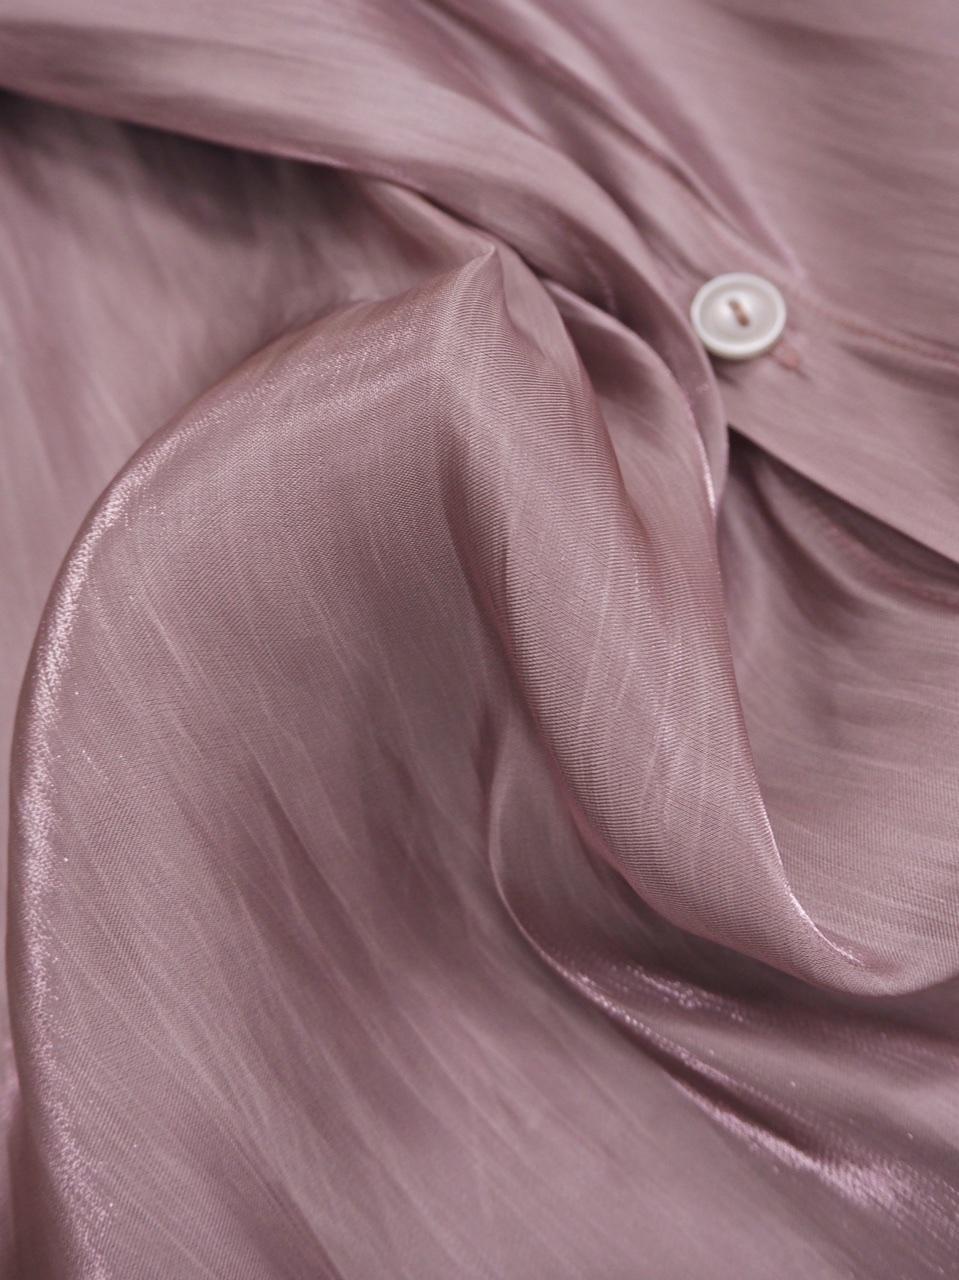 【SALE】グロスカラーブラウス ピンク